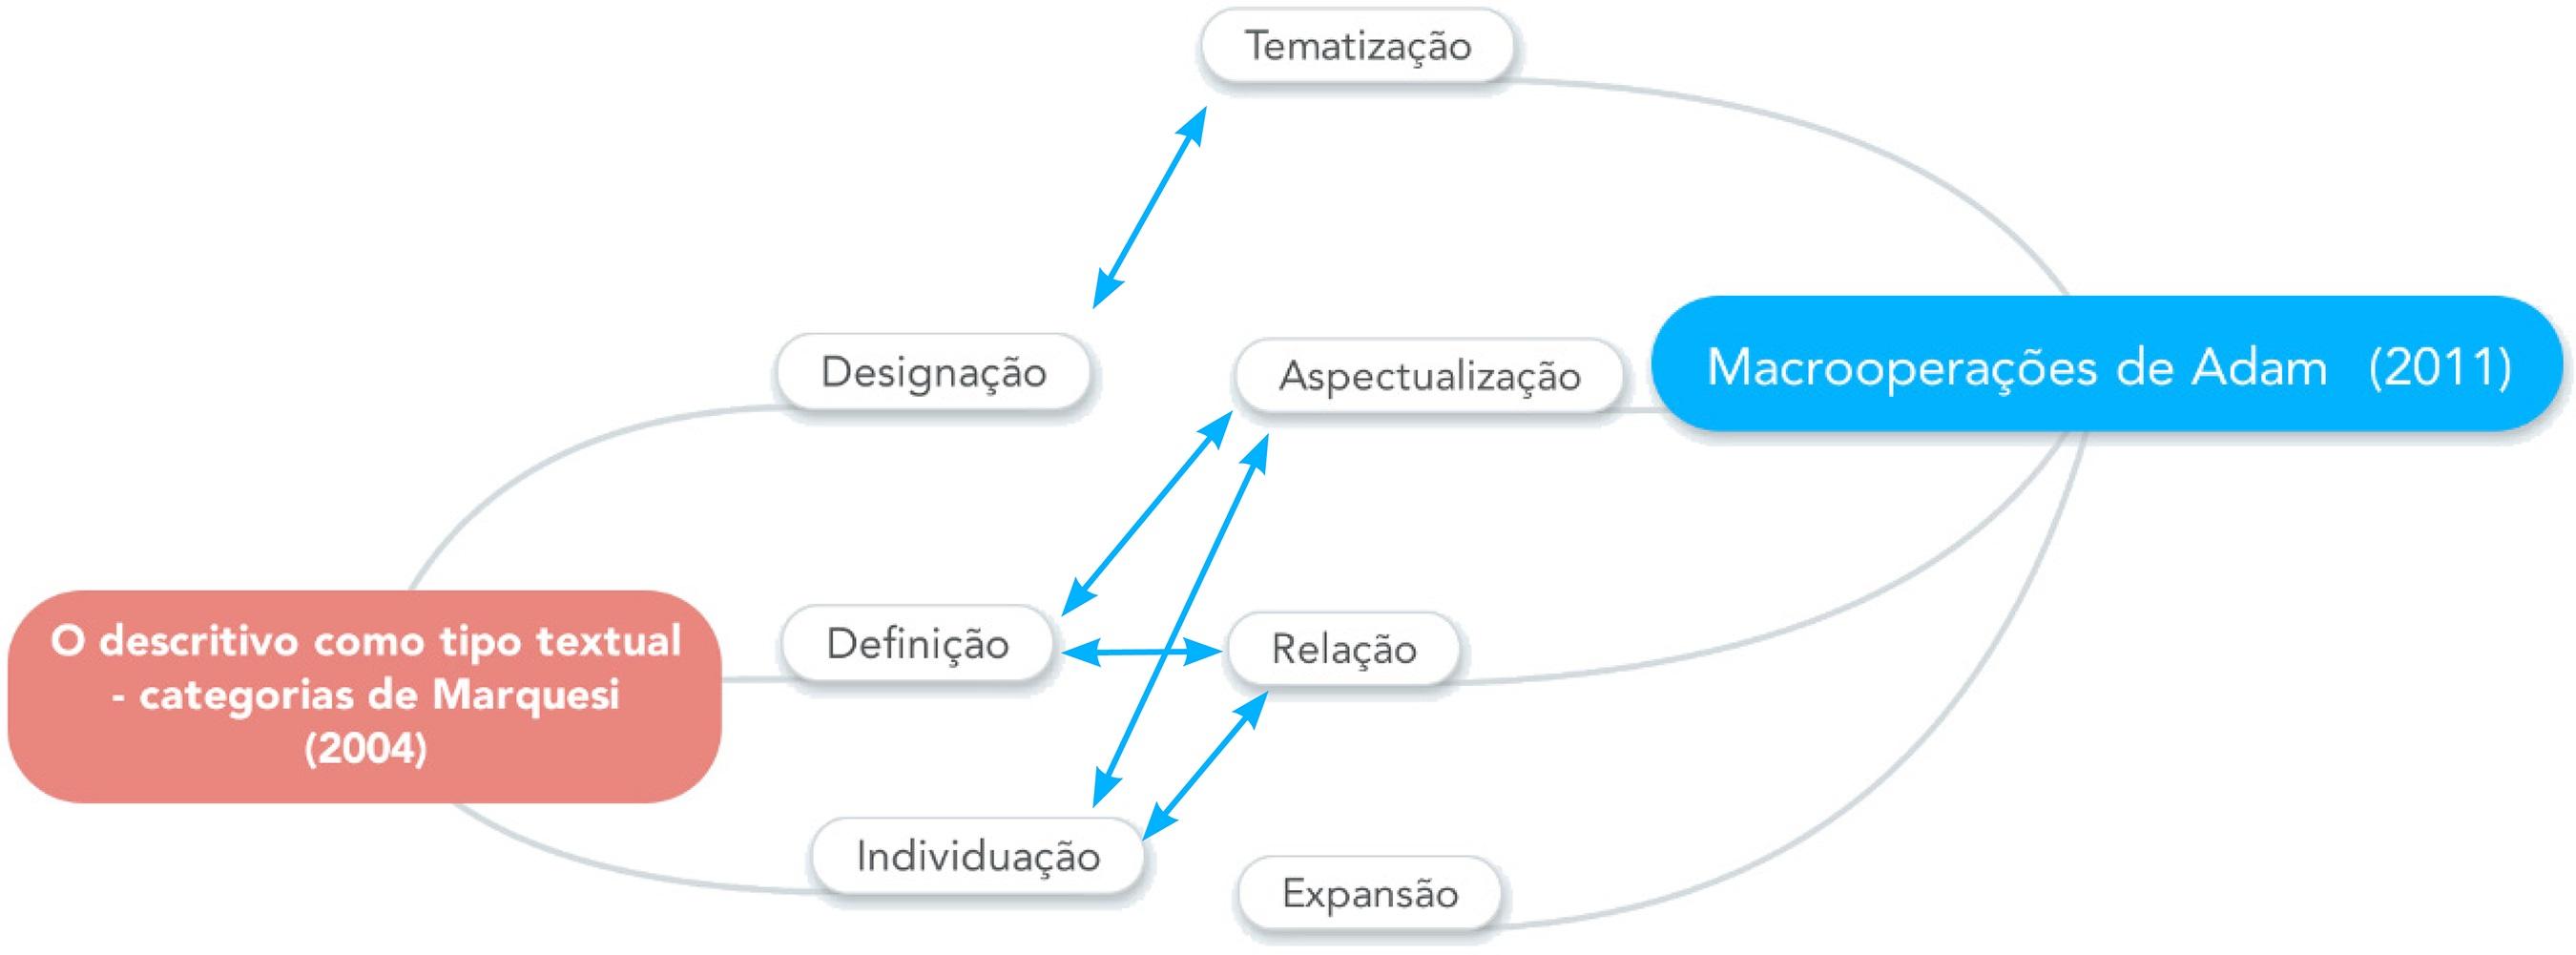 Confluência das abordagens de Marquesi (2004) e Adam (2011).